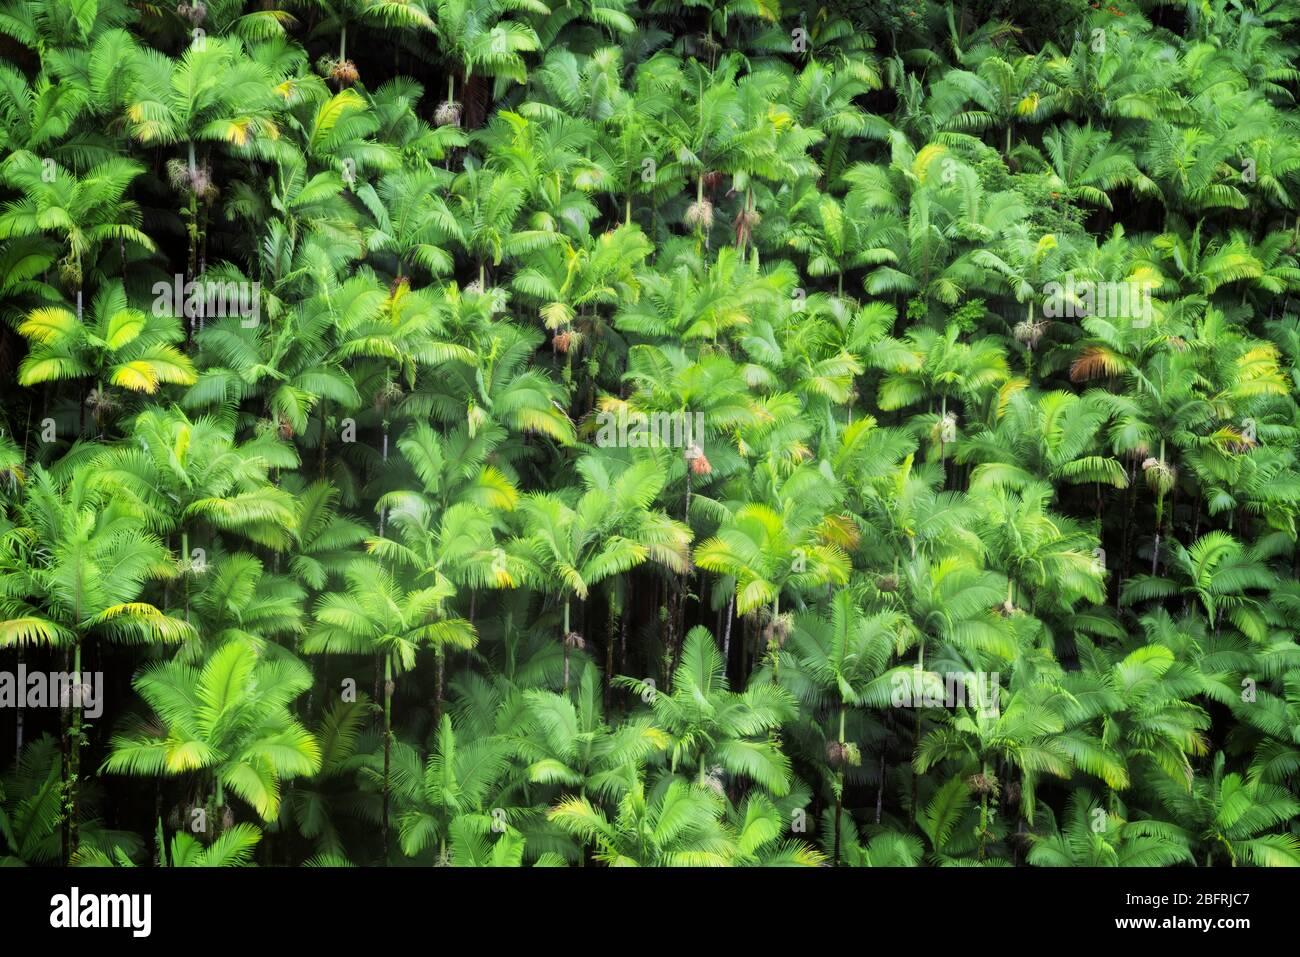 La densa selva tropical de palmeras crece en los muchos barrancos a lo largo de la costa de Hamakua en la Isla Grande de Hawai. Foto de stock